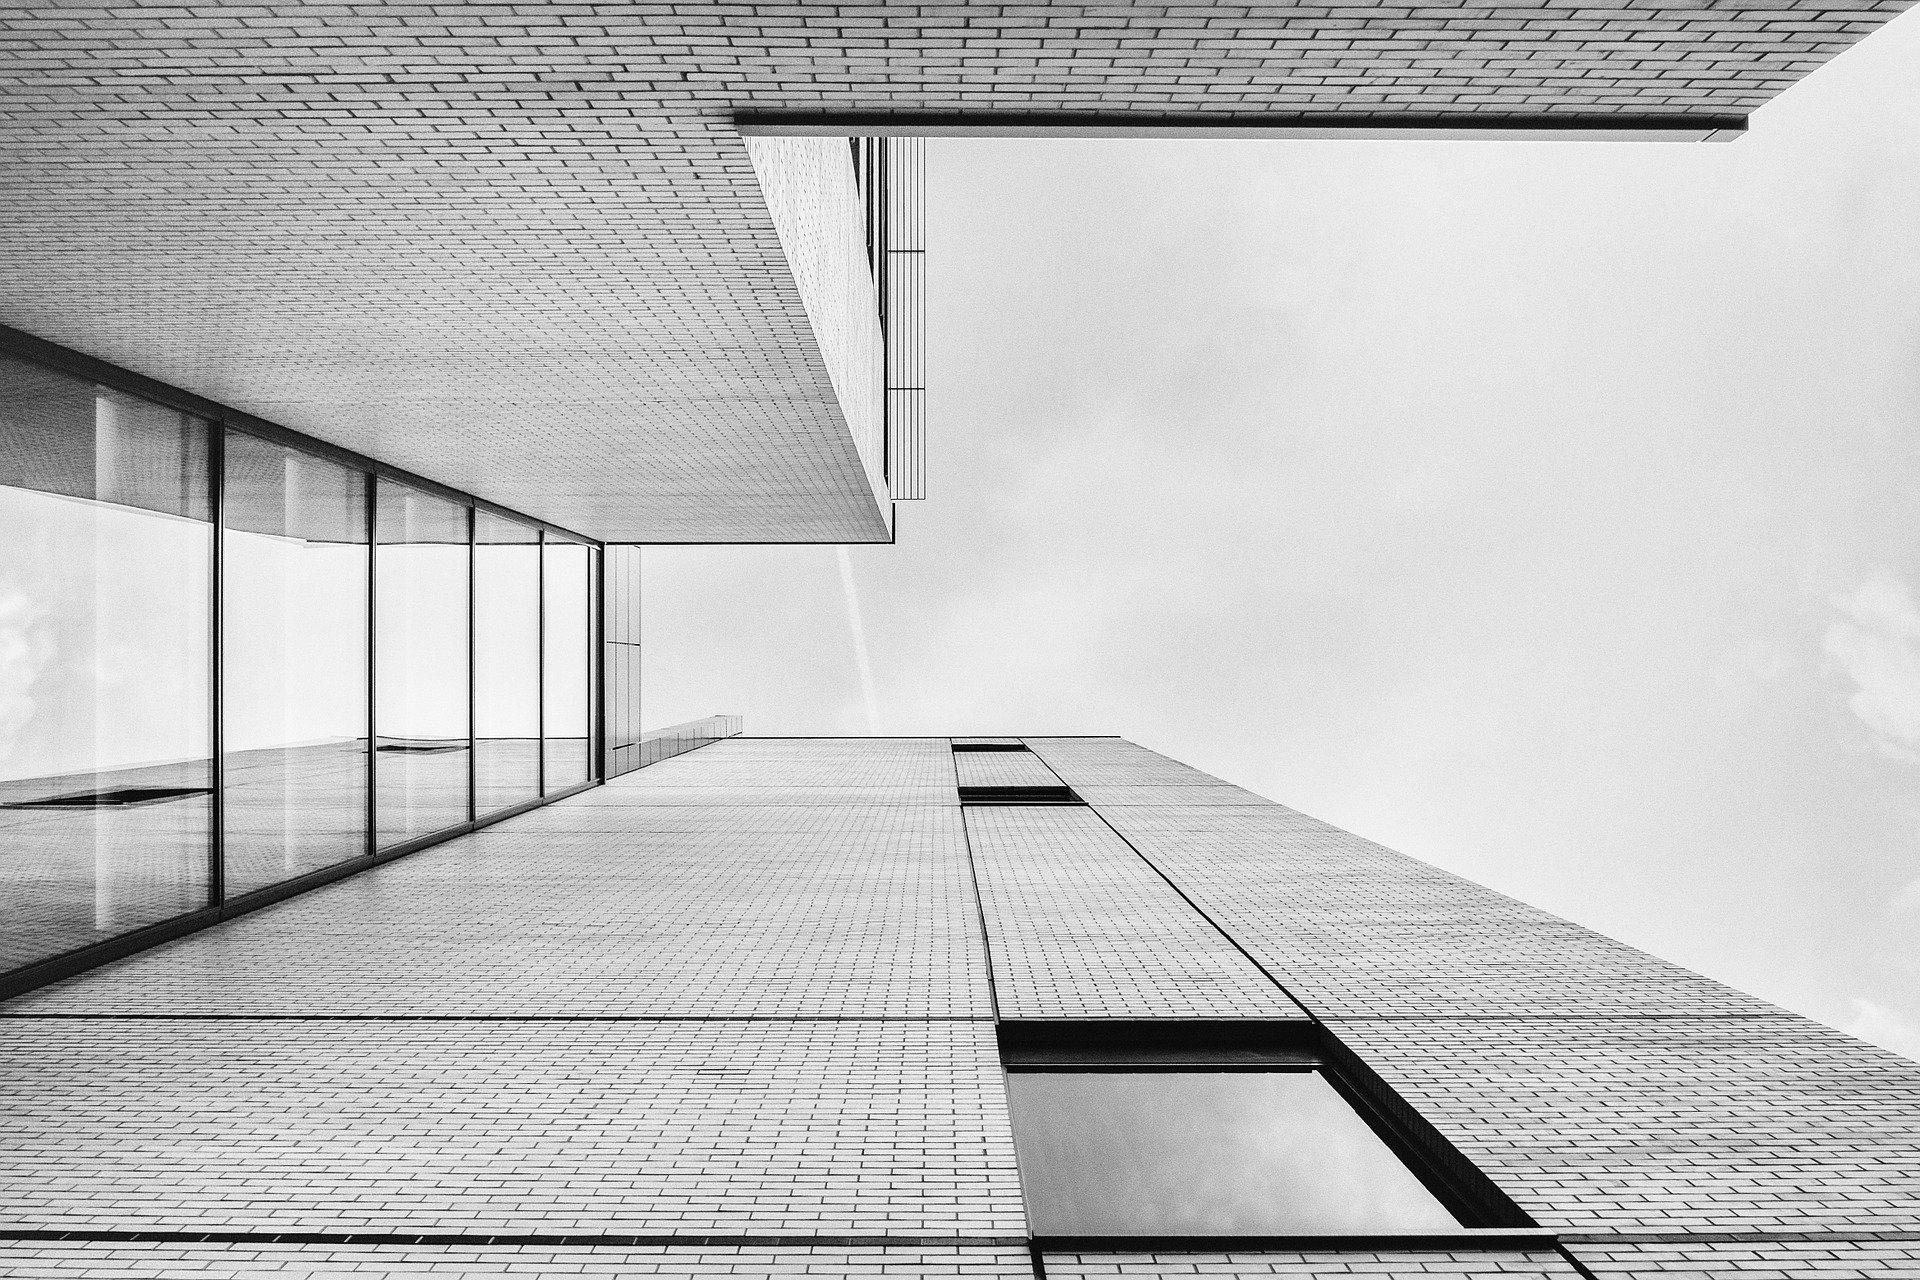 rebuild 2020 retos futuro de la construccion y arquitectura (0) foto foundry en pixabay